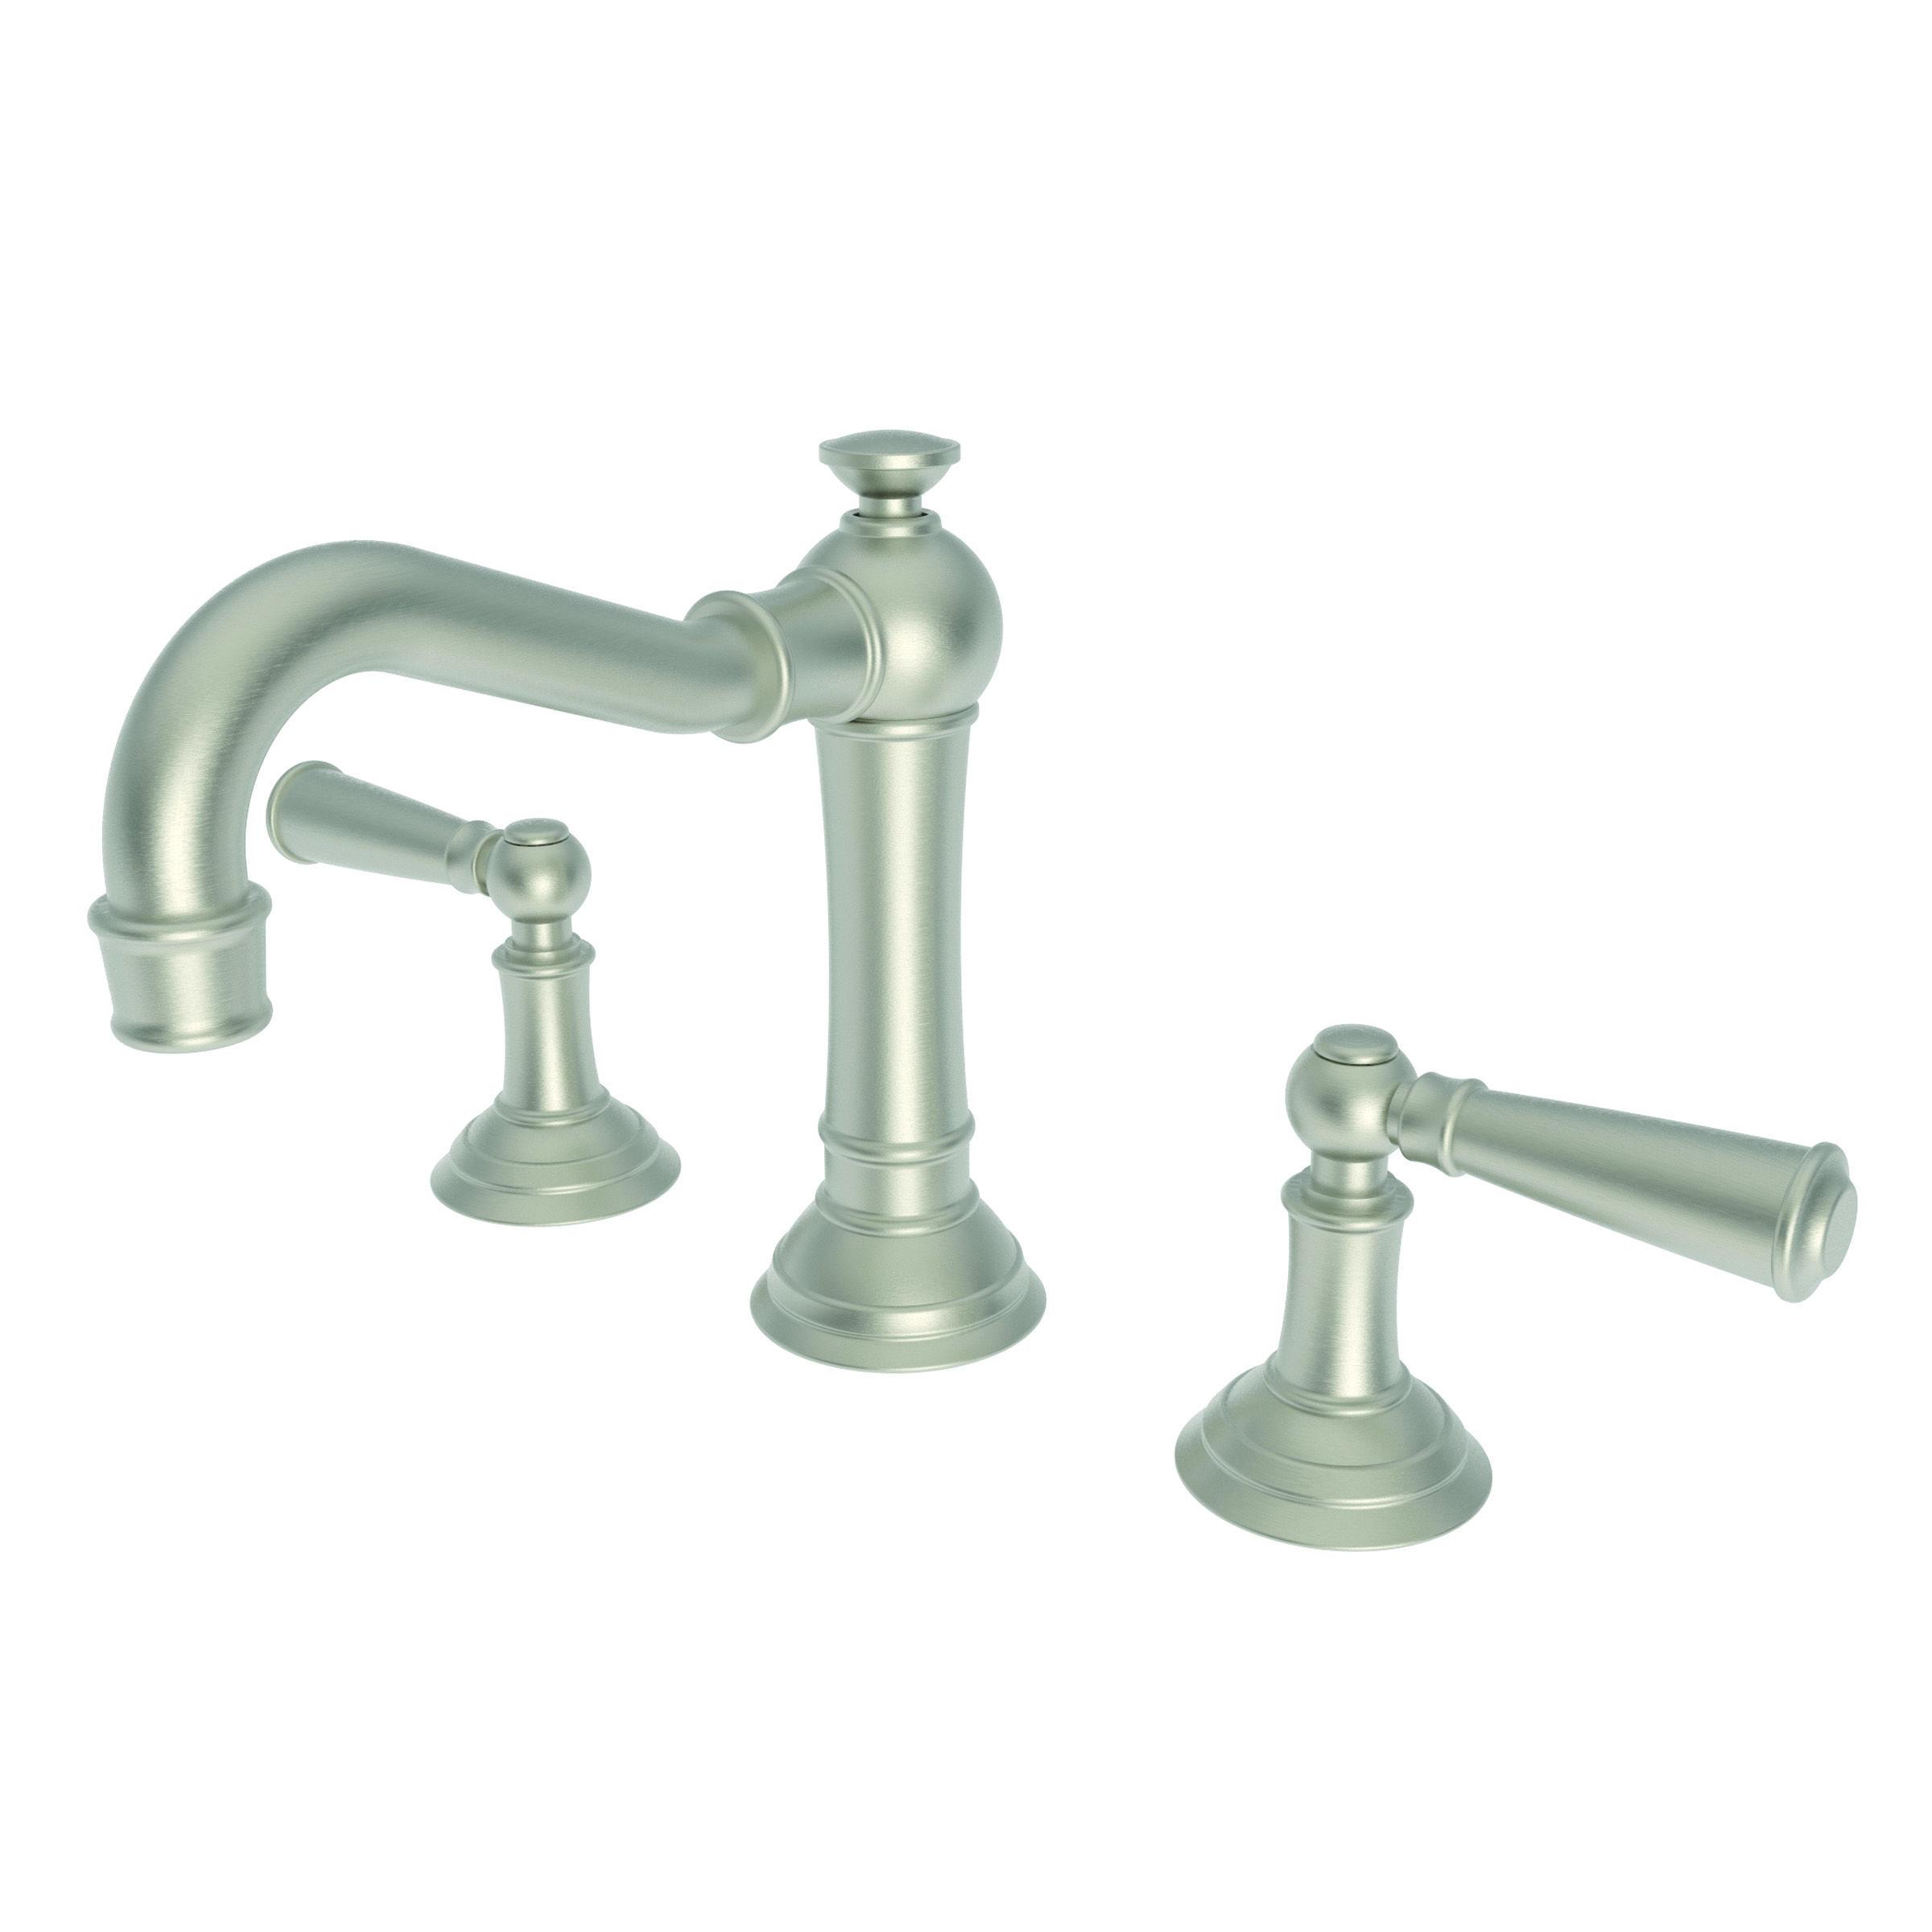 Newport Brass 2470 14 Gun Metal Double Handle Widespread Bathroom